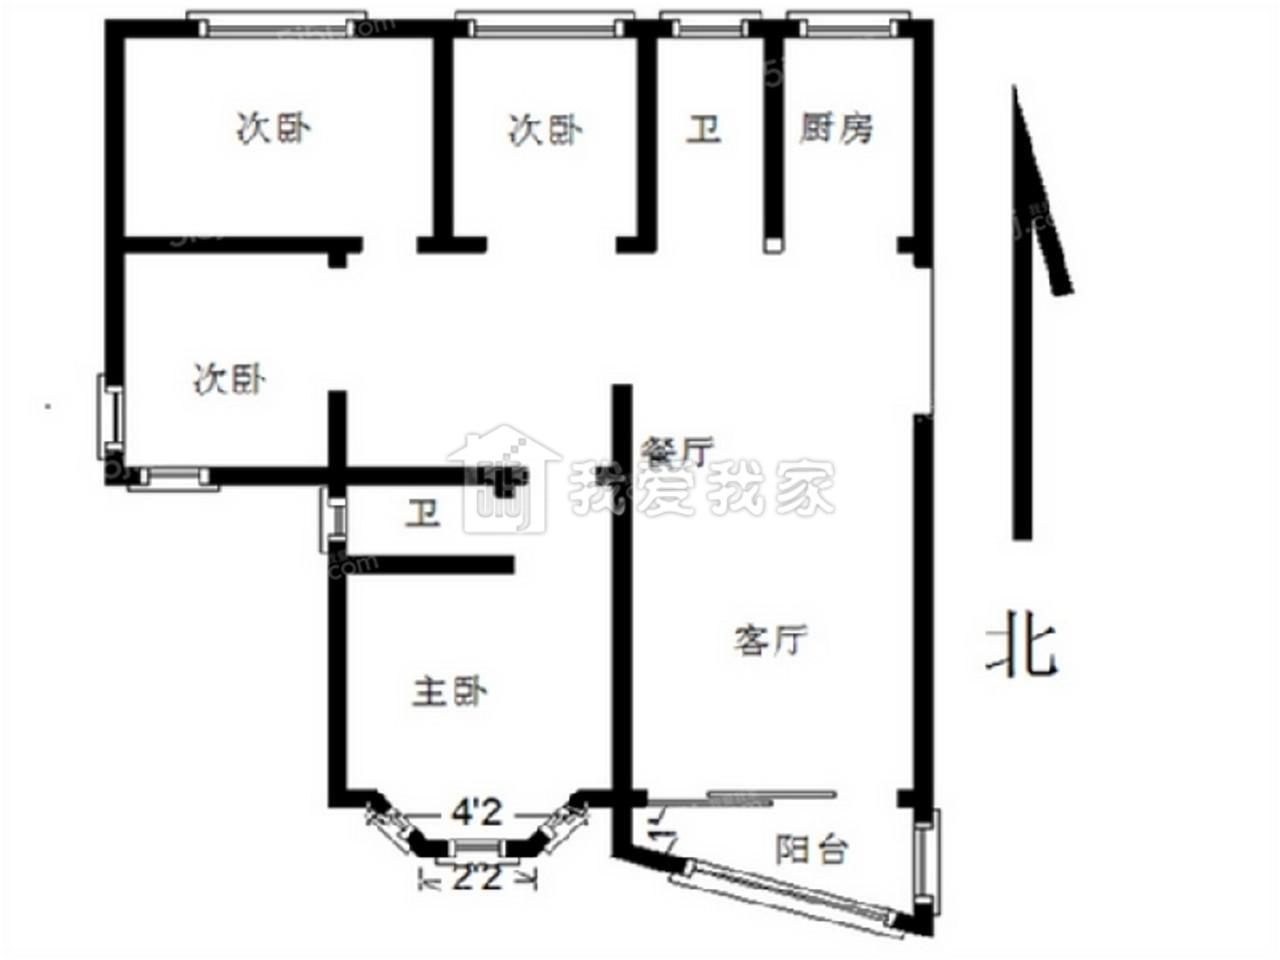 鼓楼区龙江汇贤居3室2厅户型图